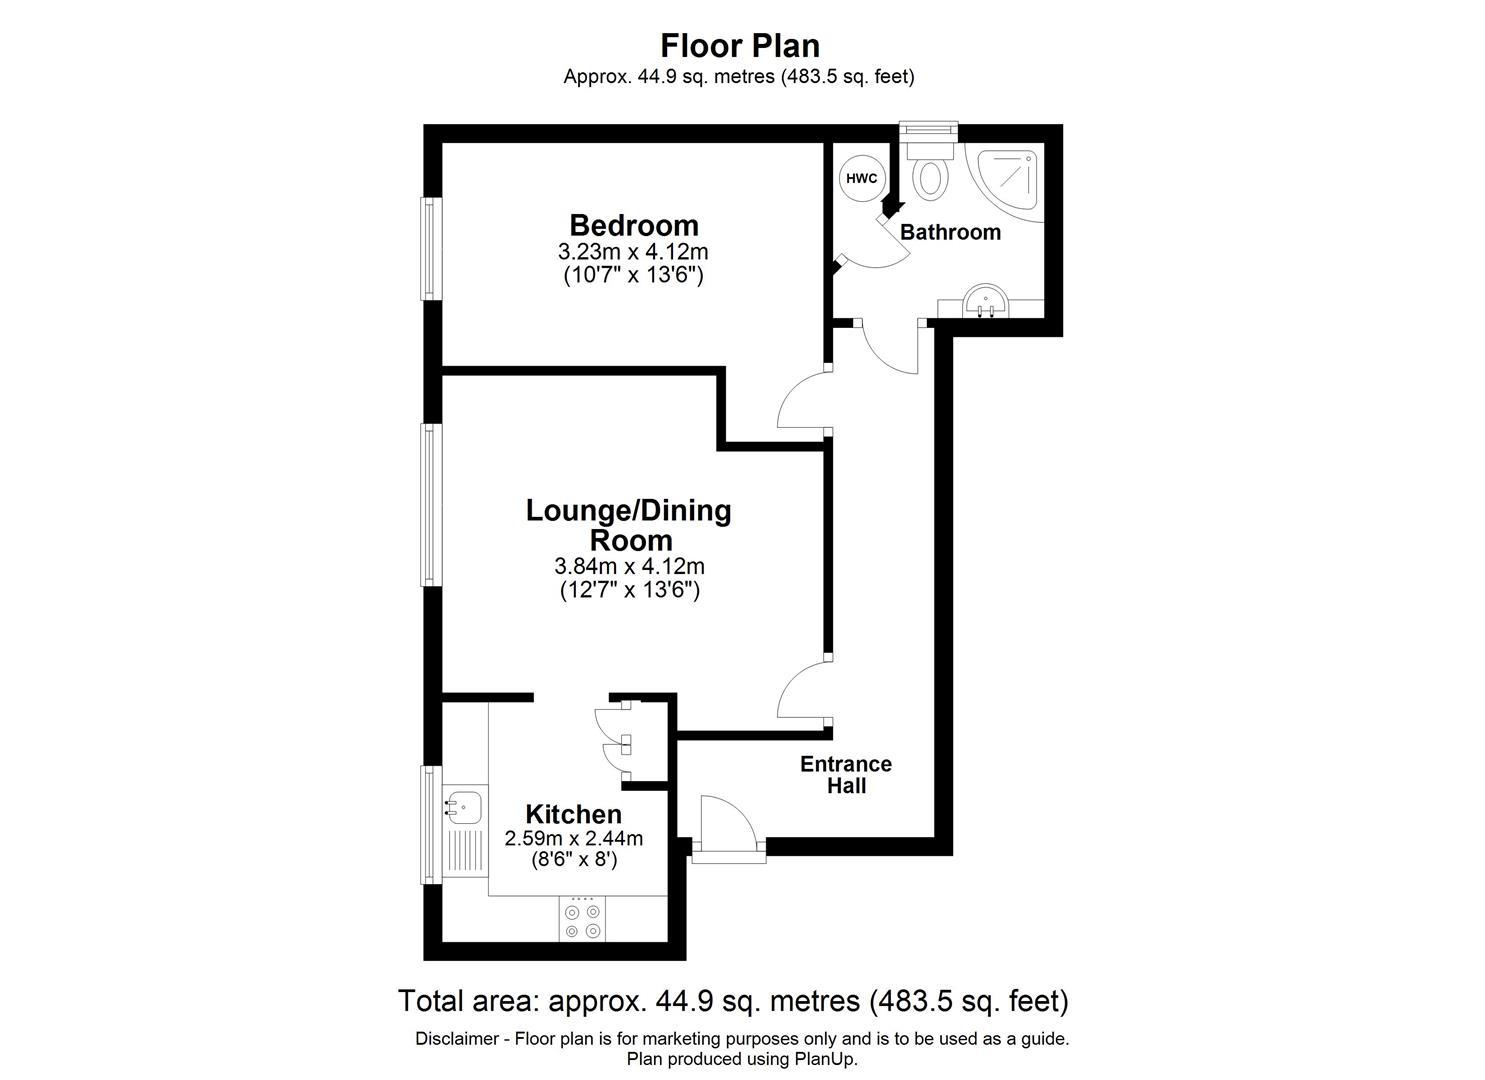 12-Nightingale-Lodge - floorplan.jpg